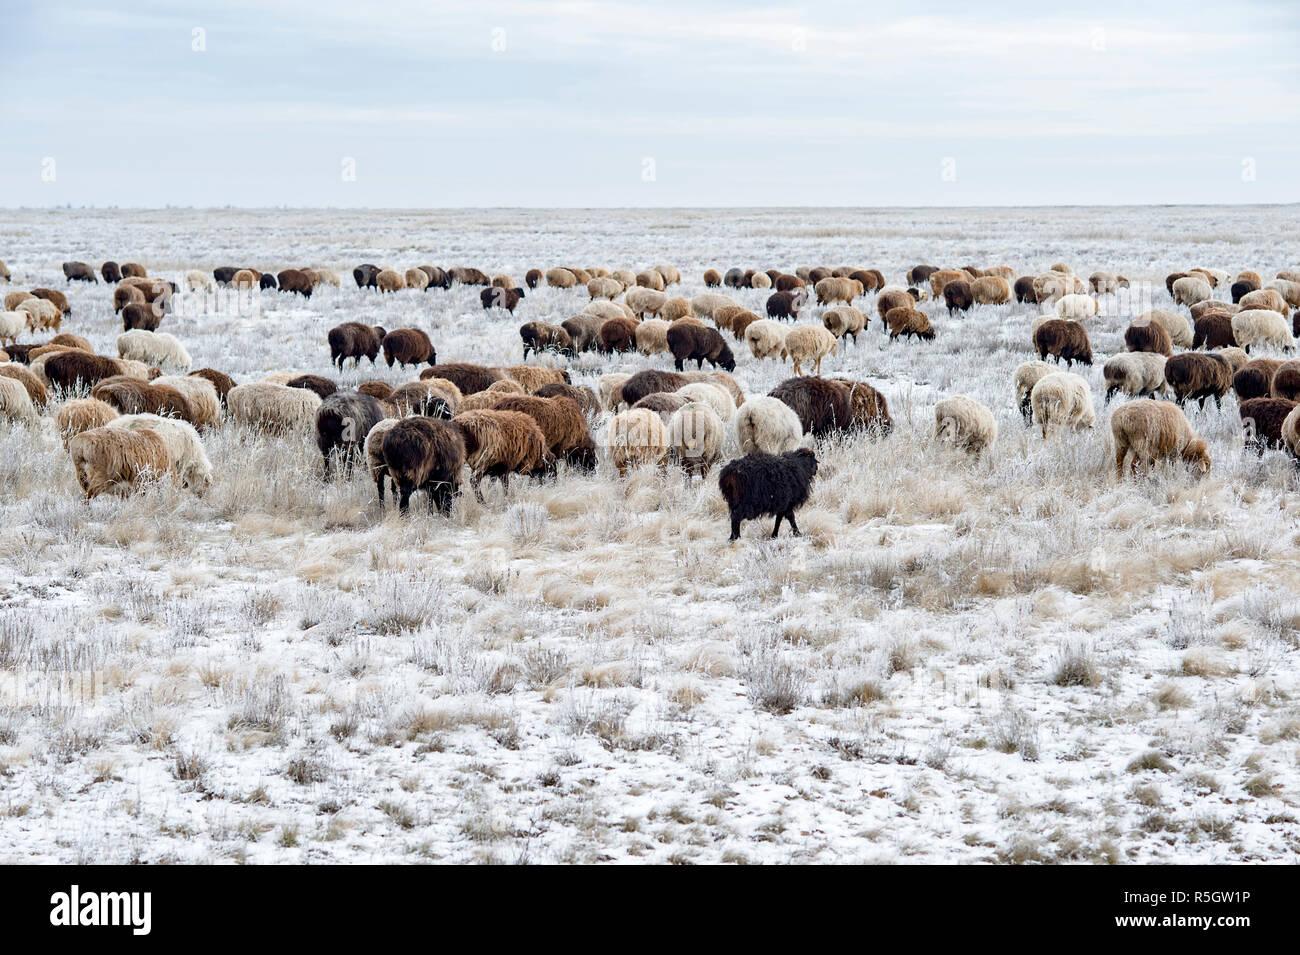 Herde von Schafen auf der Weide im Winter. Stockbild